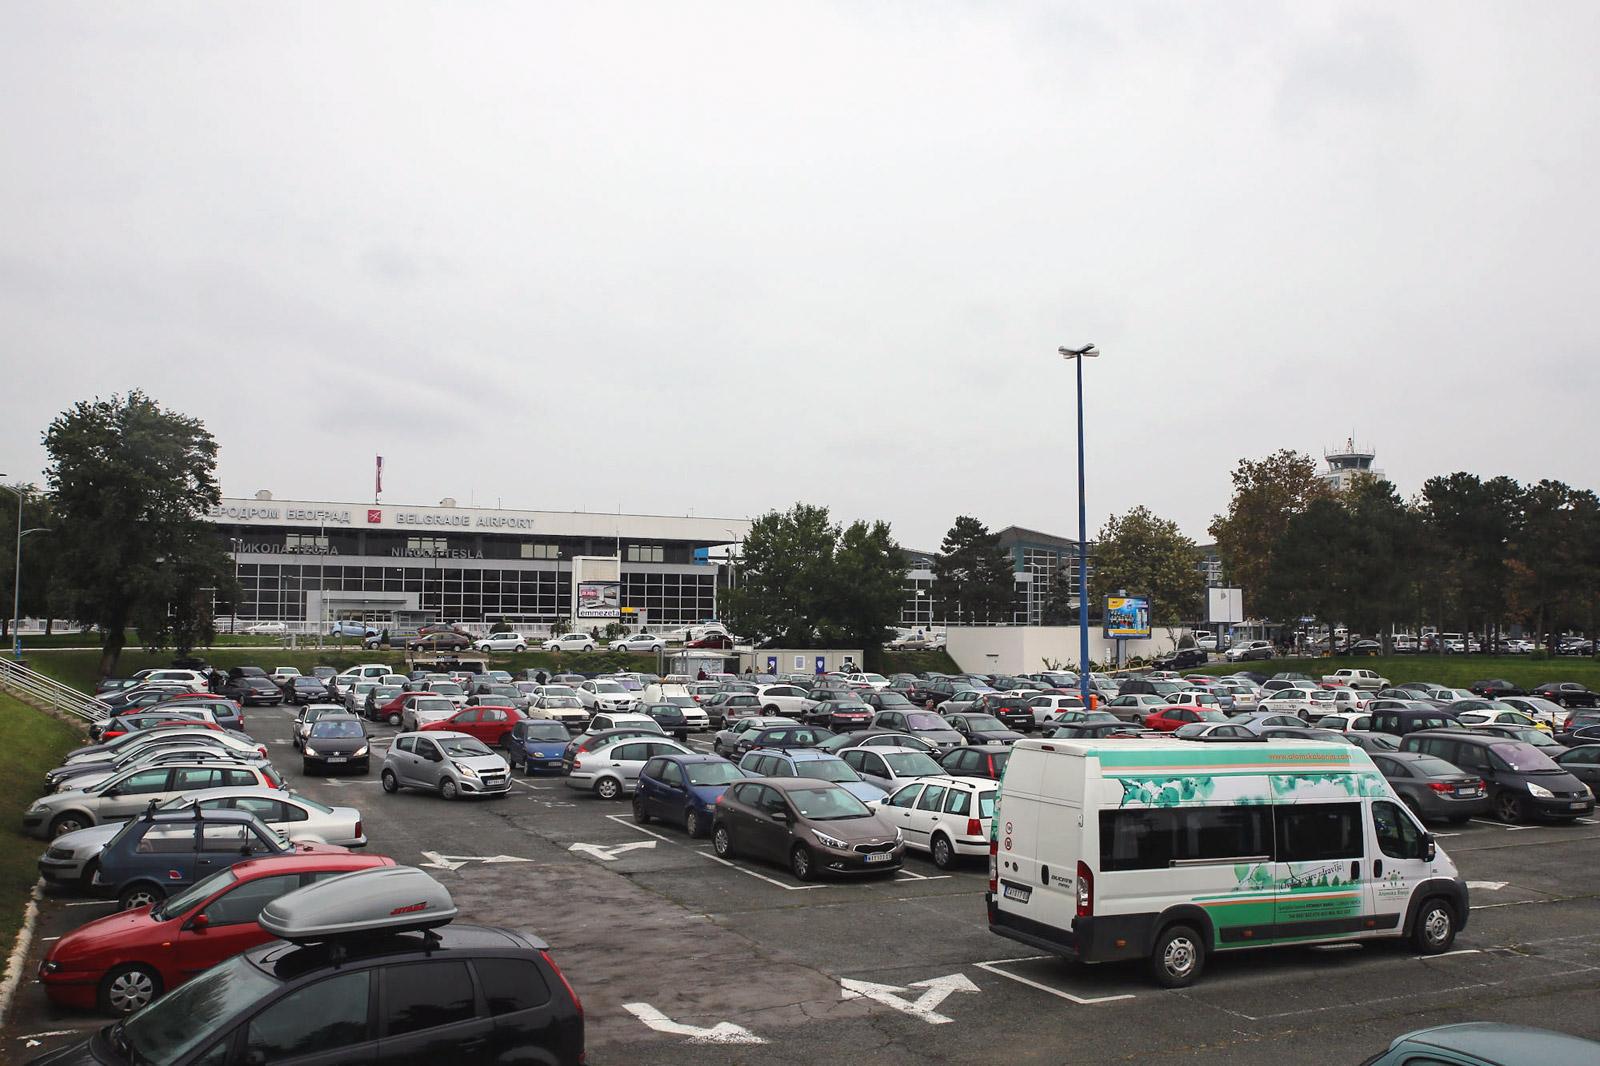 Парковка на привокзальной площади аэропорта Белград Никола Тесла